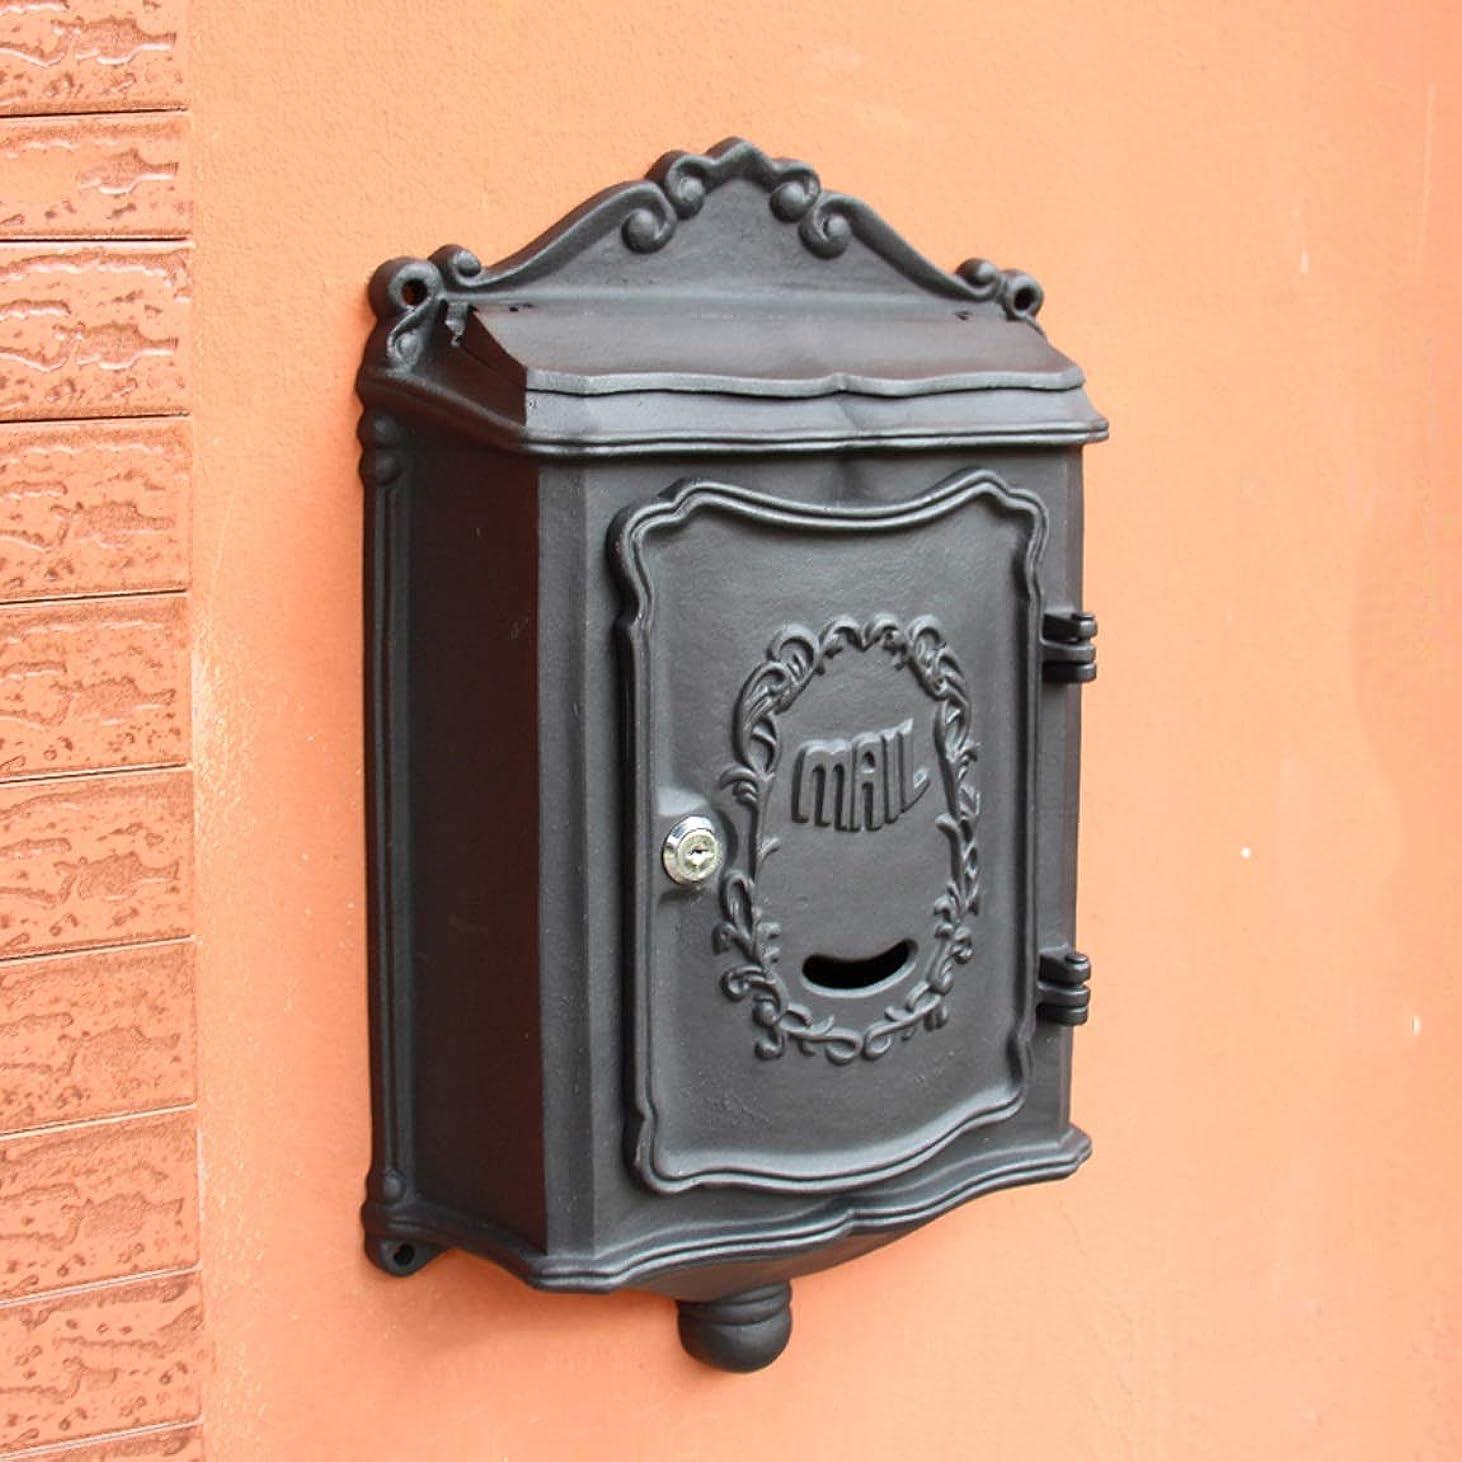 誤って眠っているやめるHLQW ヴィラ郵便箱屋外の壁掛けヨーロッパのレトロメールボックスブラック